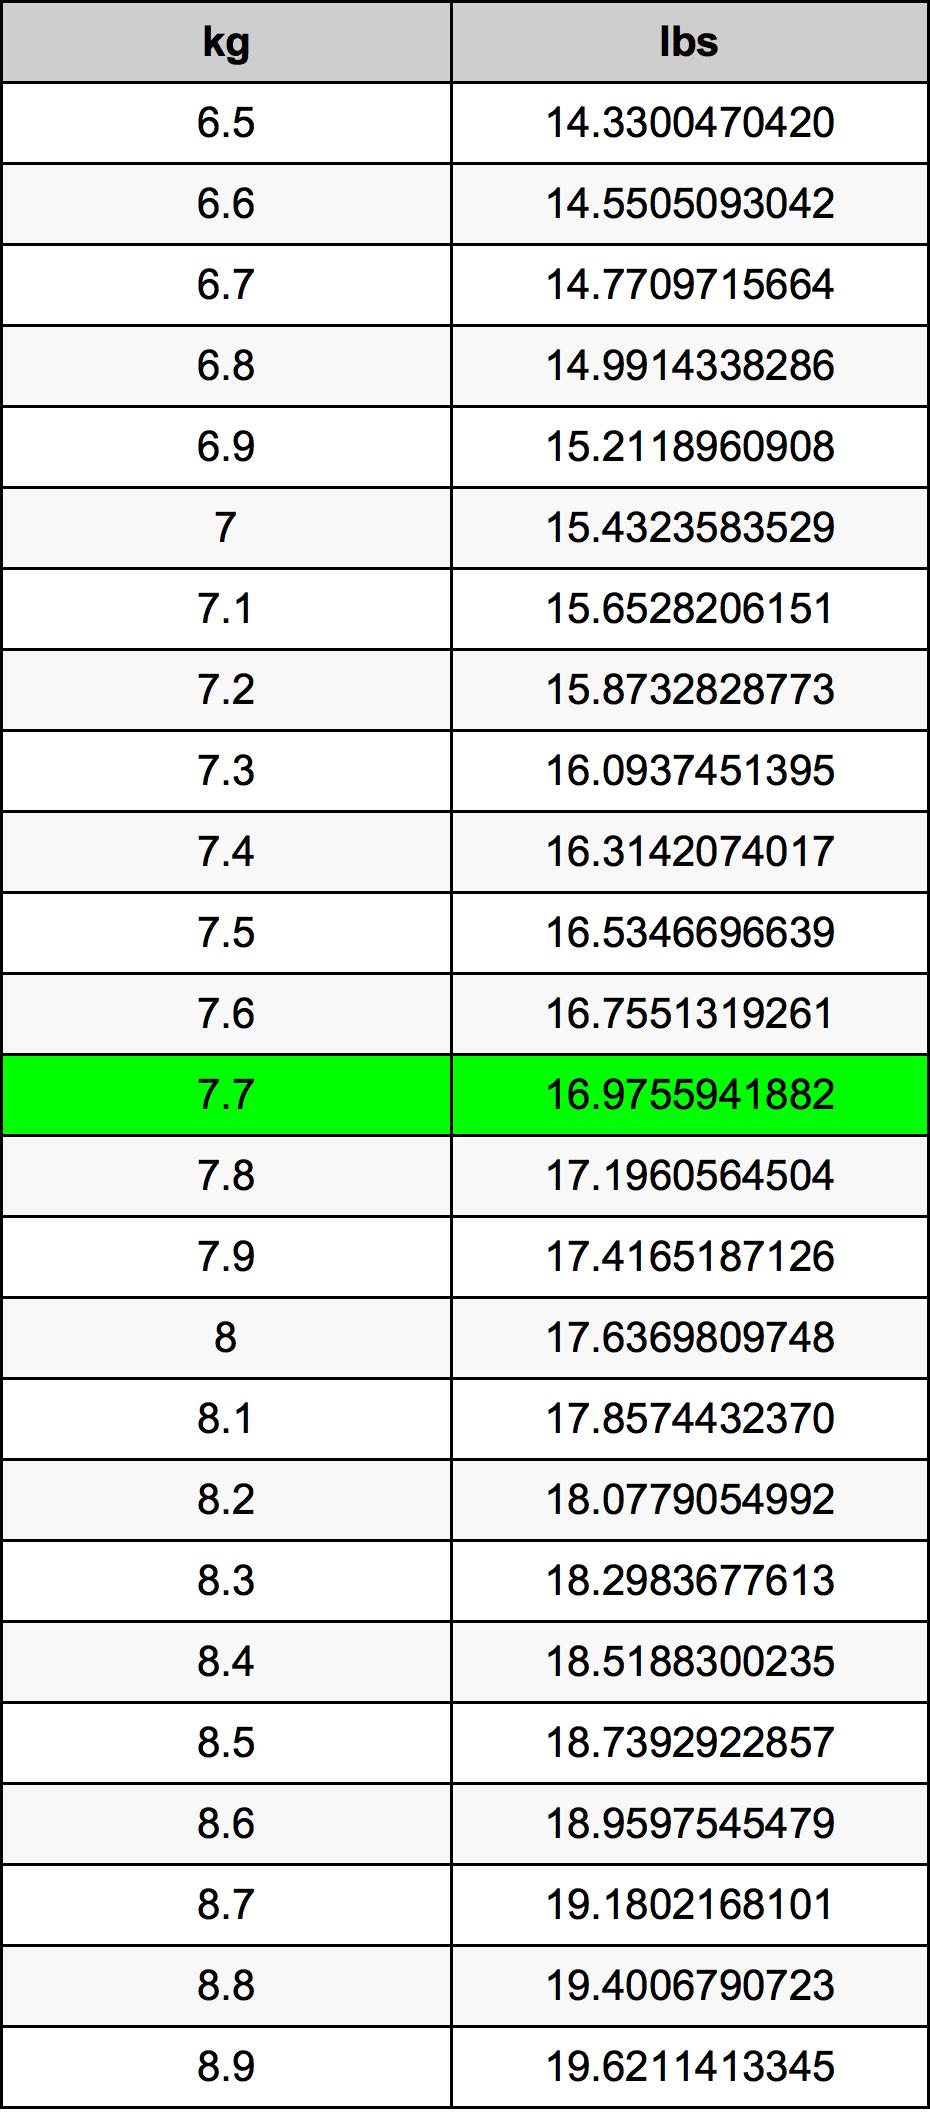 7.7 Kilogramm átszámítási táblázat